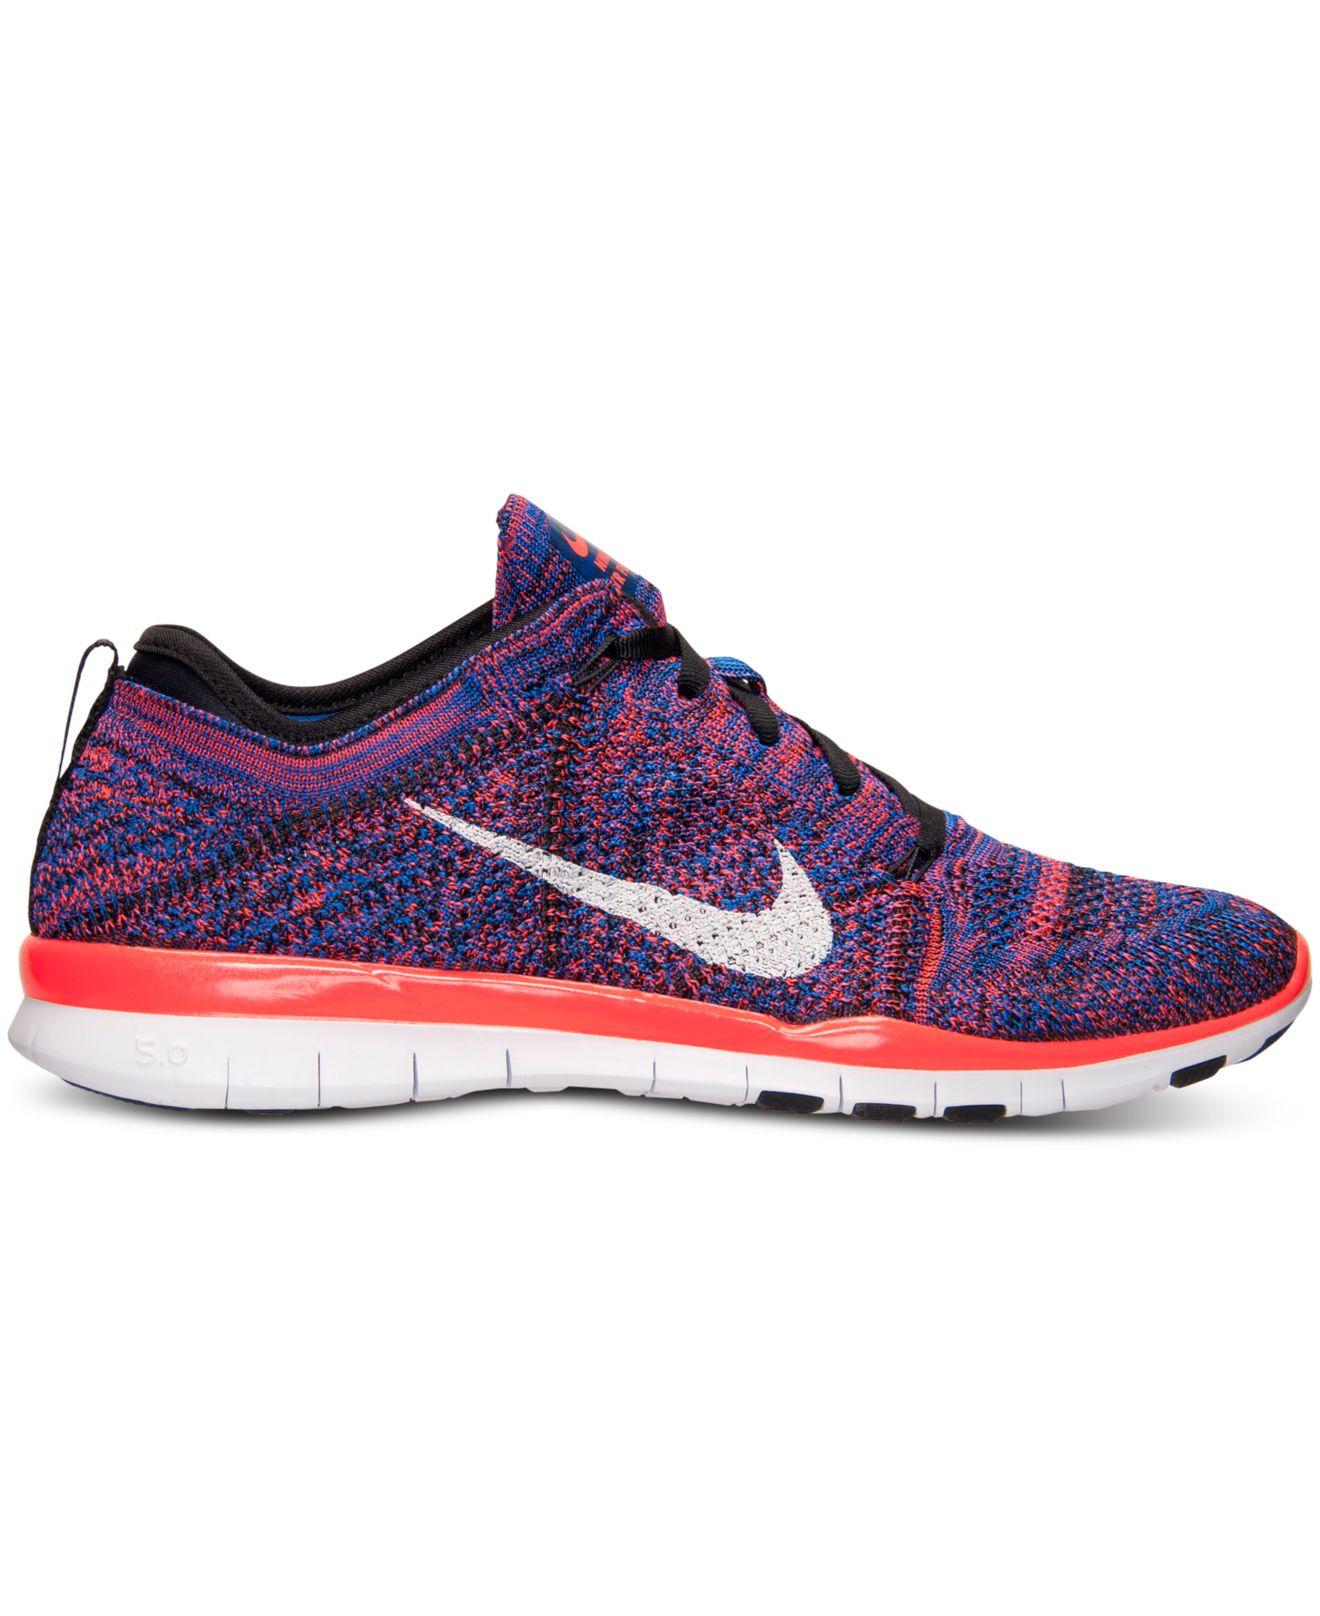 Lyst Lyst Lyst Nike Donna Free 5.0 Tr Flyknit Metallic Training Scarpe da Ginnastica   9e6c78